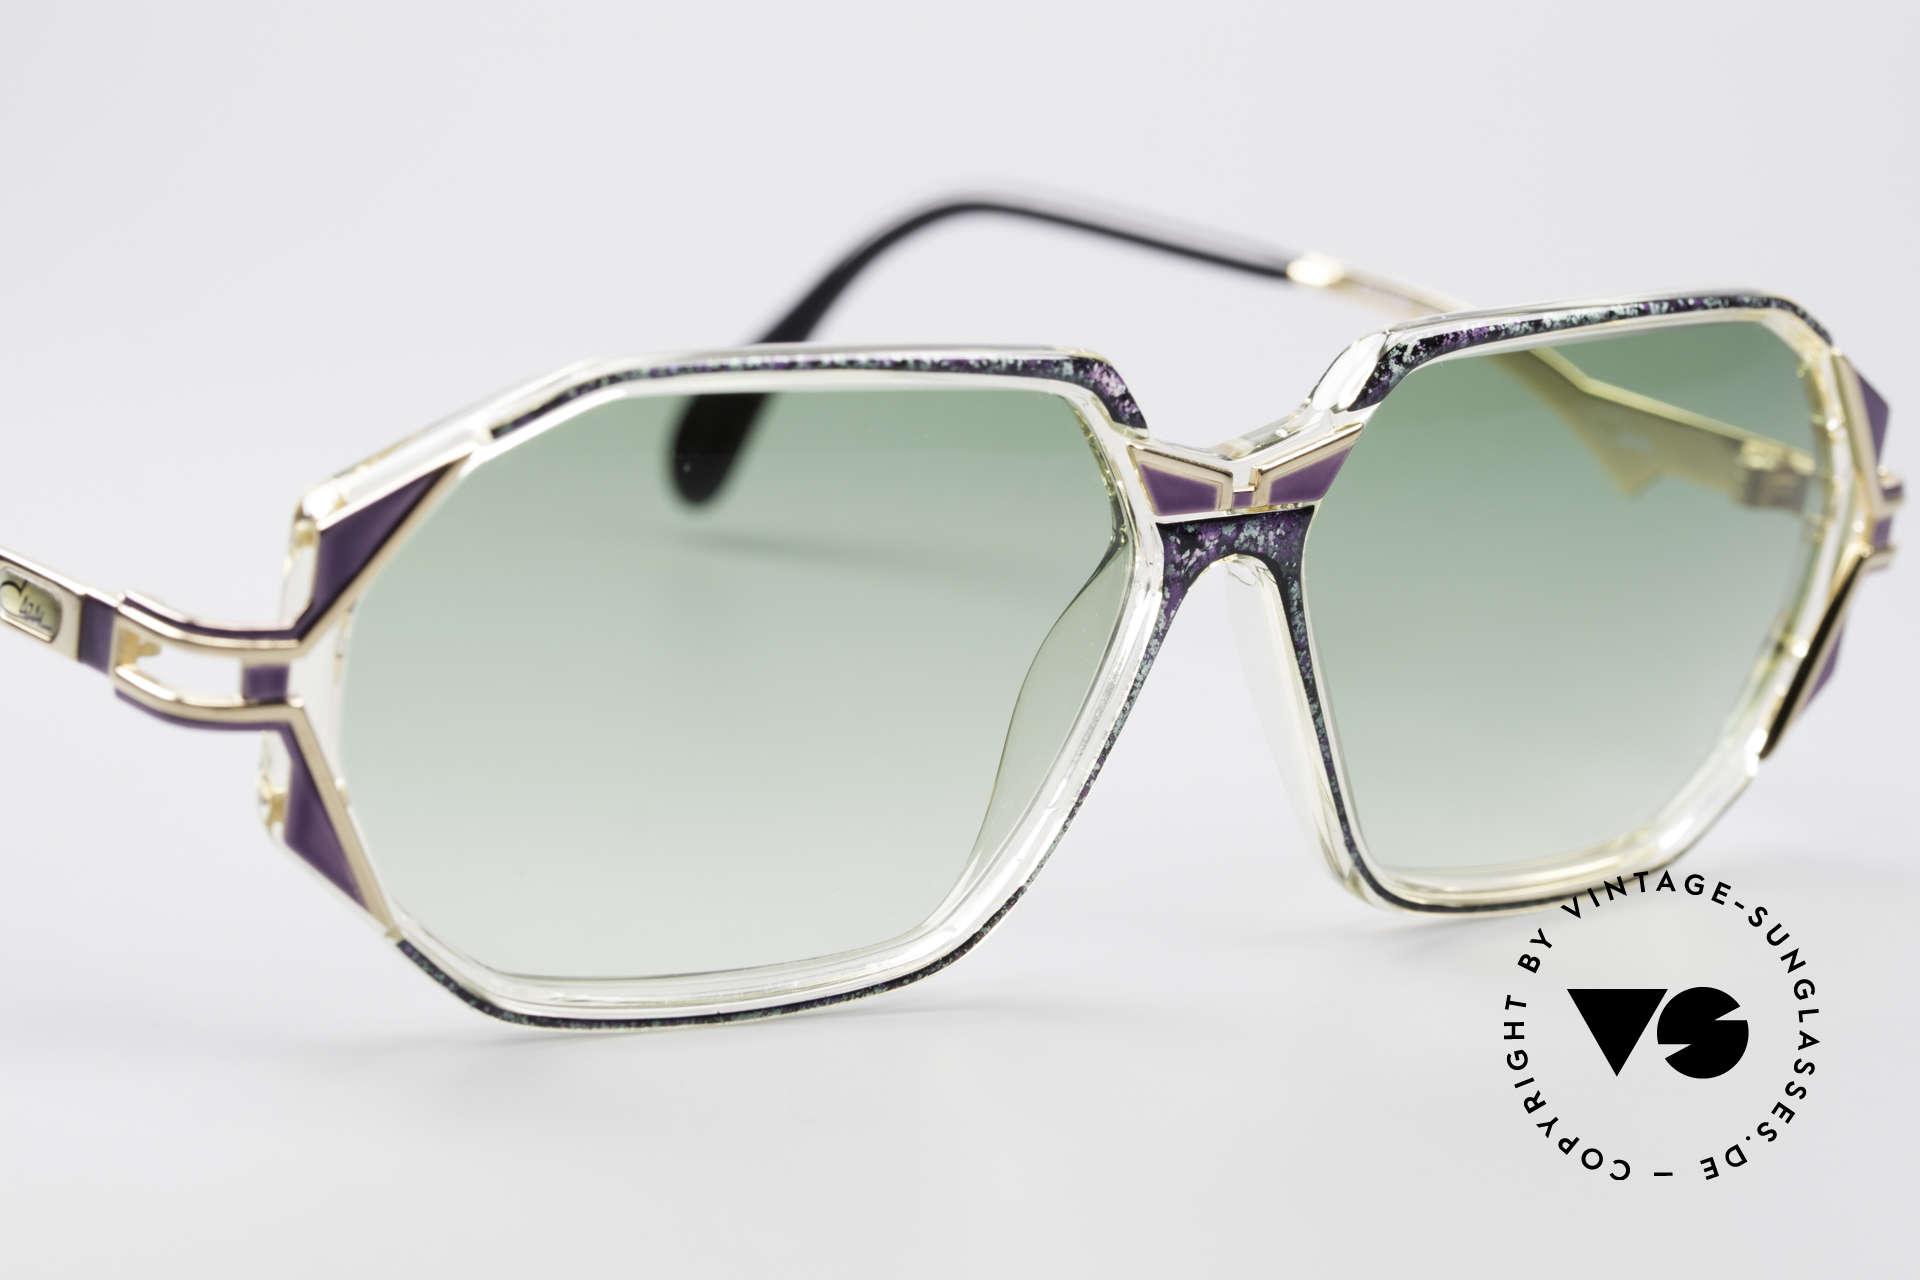 Cazal 361 Original Damen Designerbrille, ungetragen (wie alle unsere vintage CAZAL Brillen), Passend für Damen